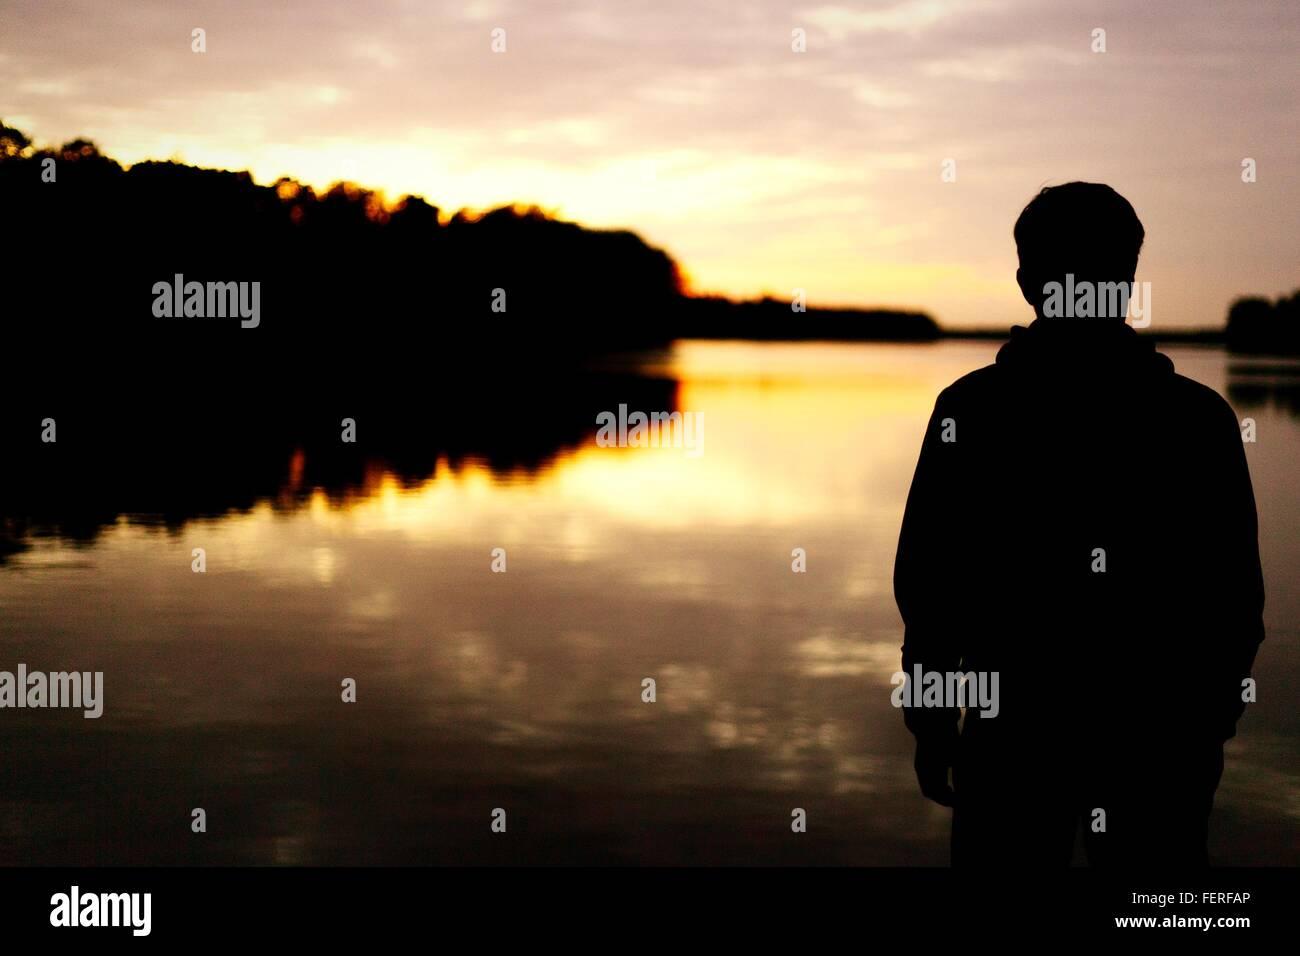 Vista posteriore di Silhouette uomo in piedi di fronte al lago durante il tramonto Immagini Stock